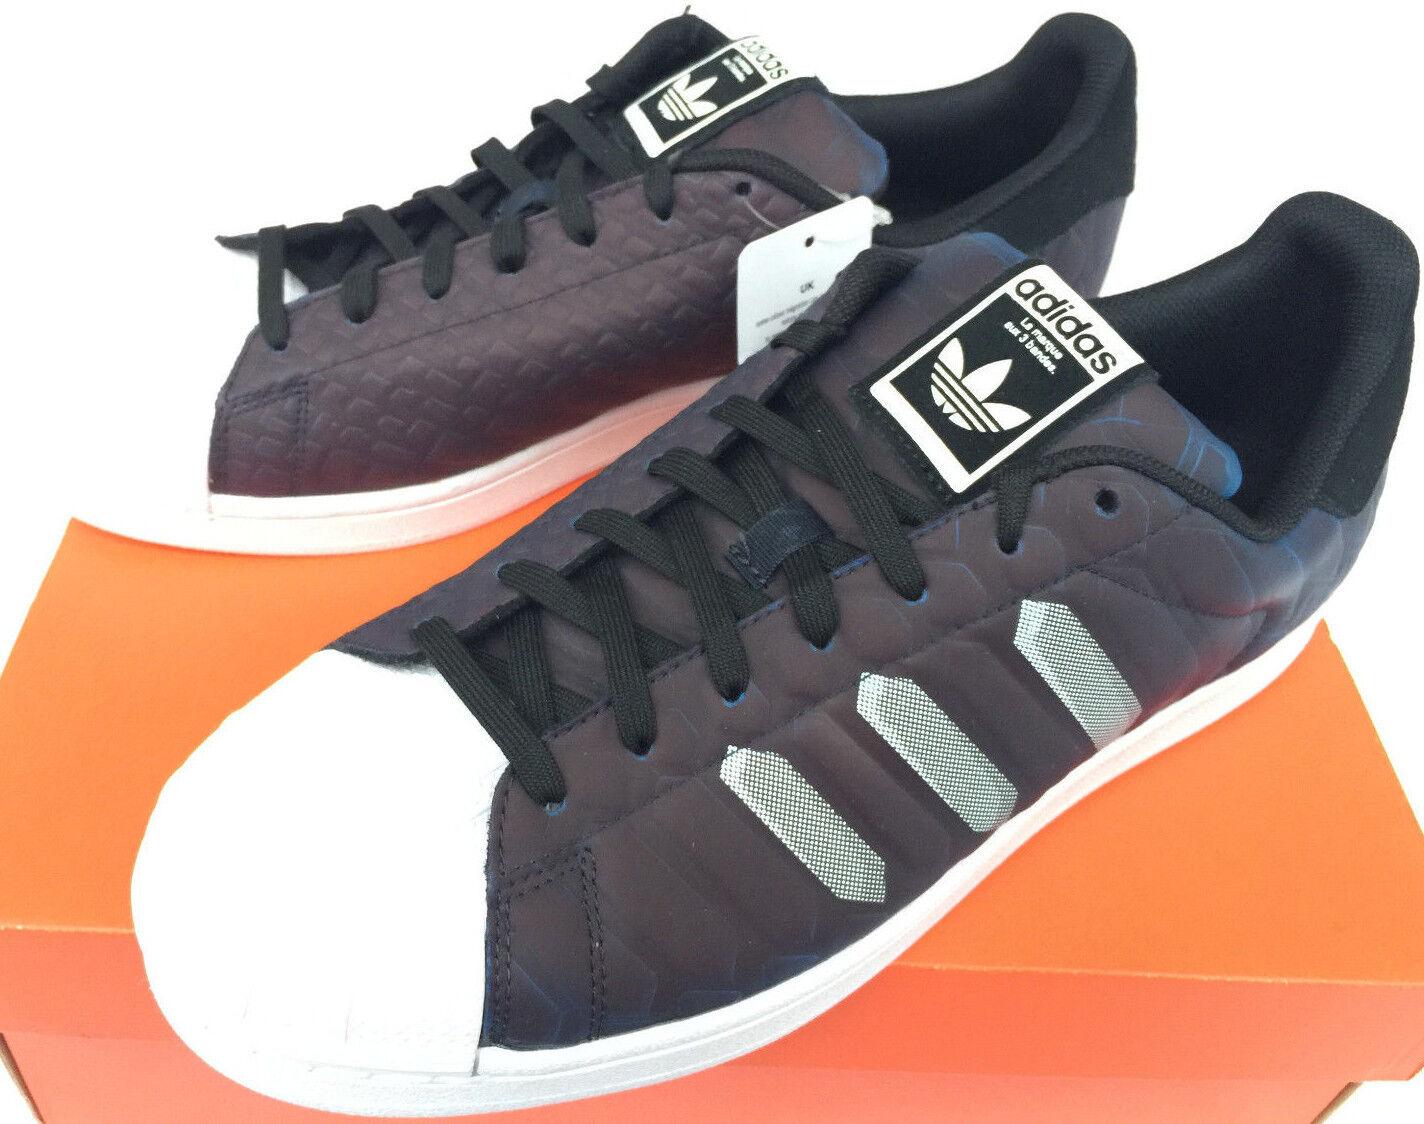 Adidas superstar ctxm chromatech niedrig aq7408 basketball männer. - schuhe, schuhe für männer. basketball 36489e